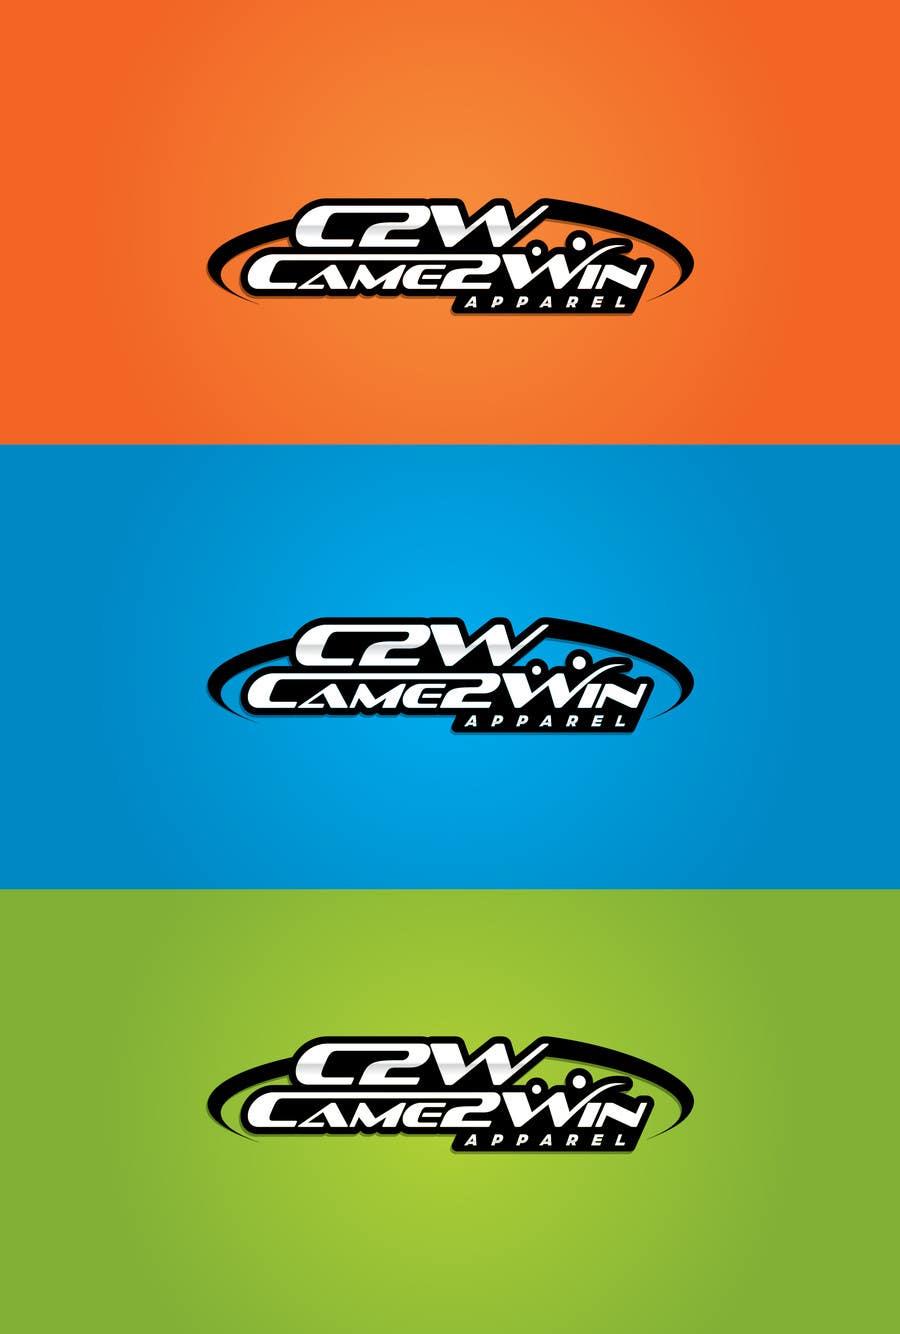 Kilpailutyö #377 kilpailussa Came2Win business logo